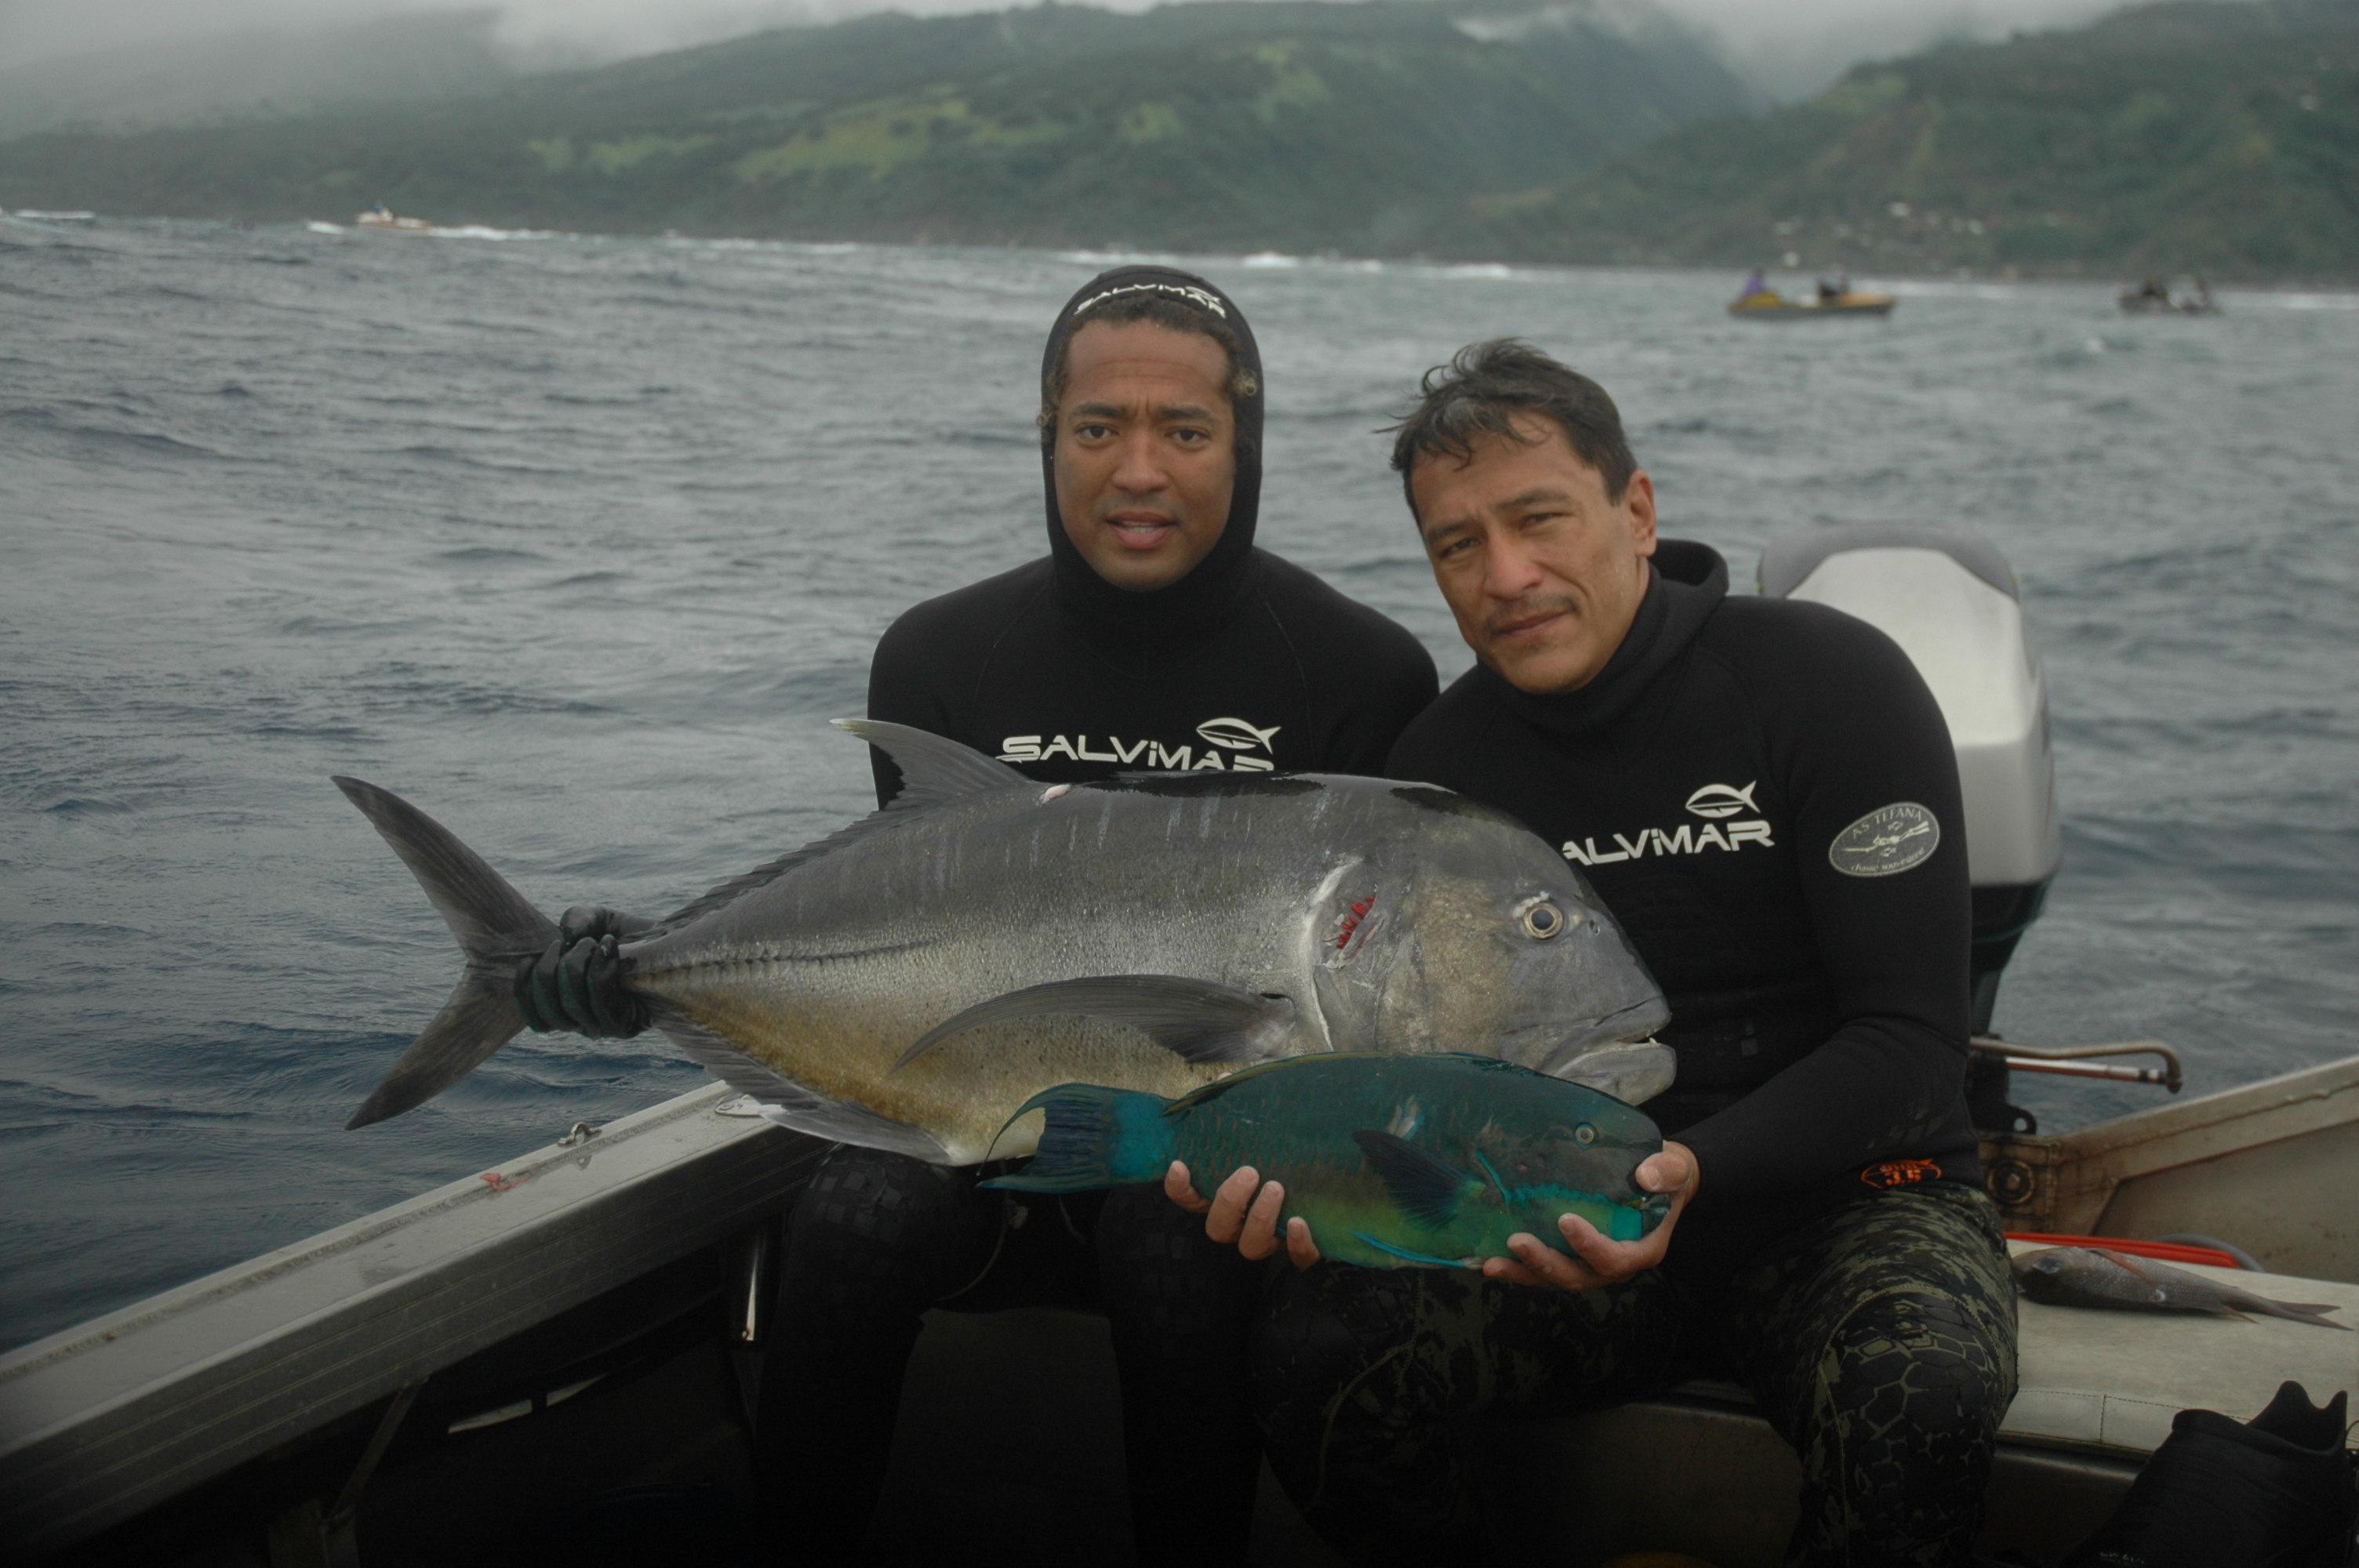 Pêche sous marine: 3ième et 4ième manche du Championnat de Polynésie en individuel 2016 et sélectives pour le mondial